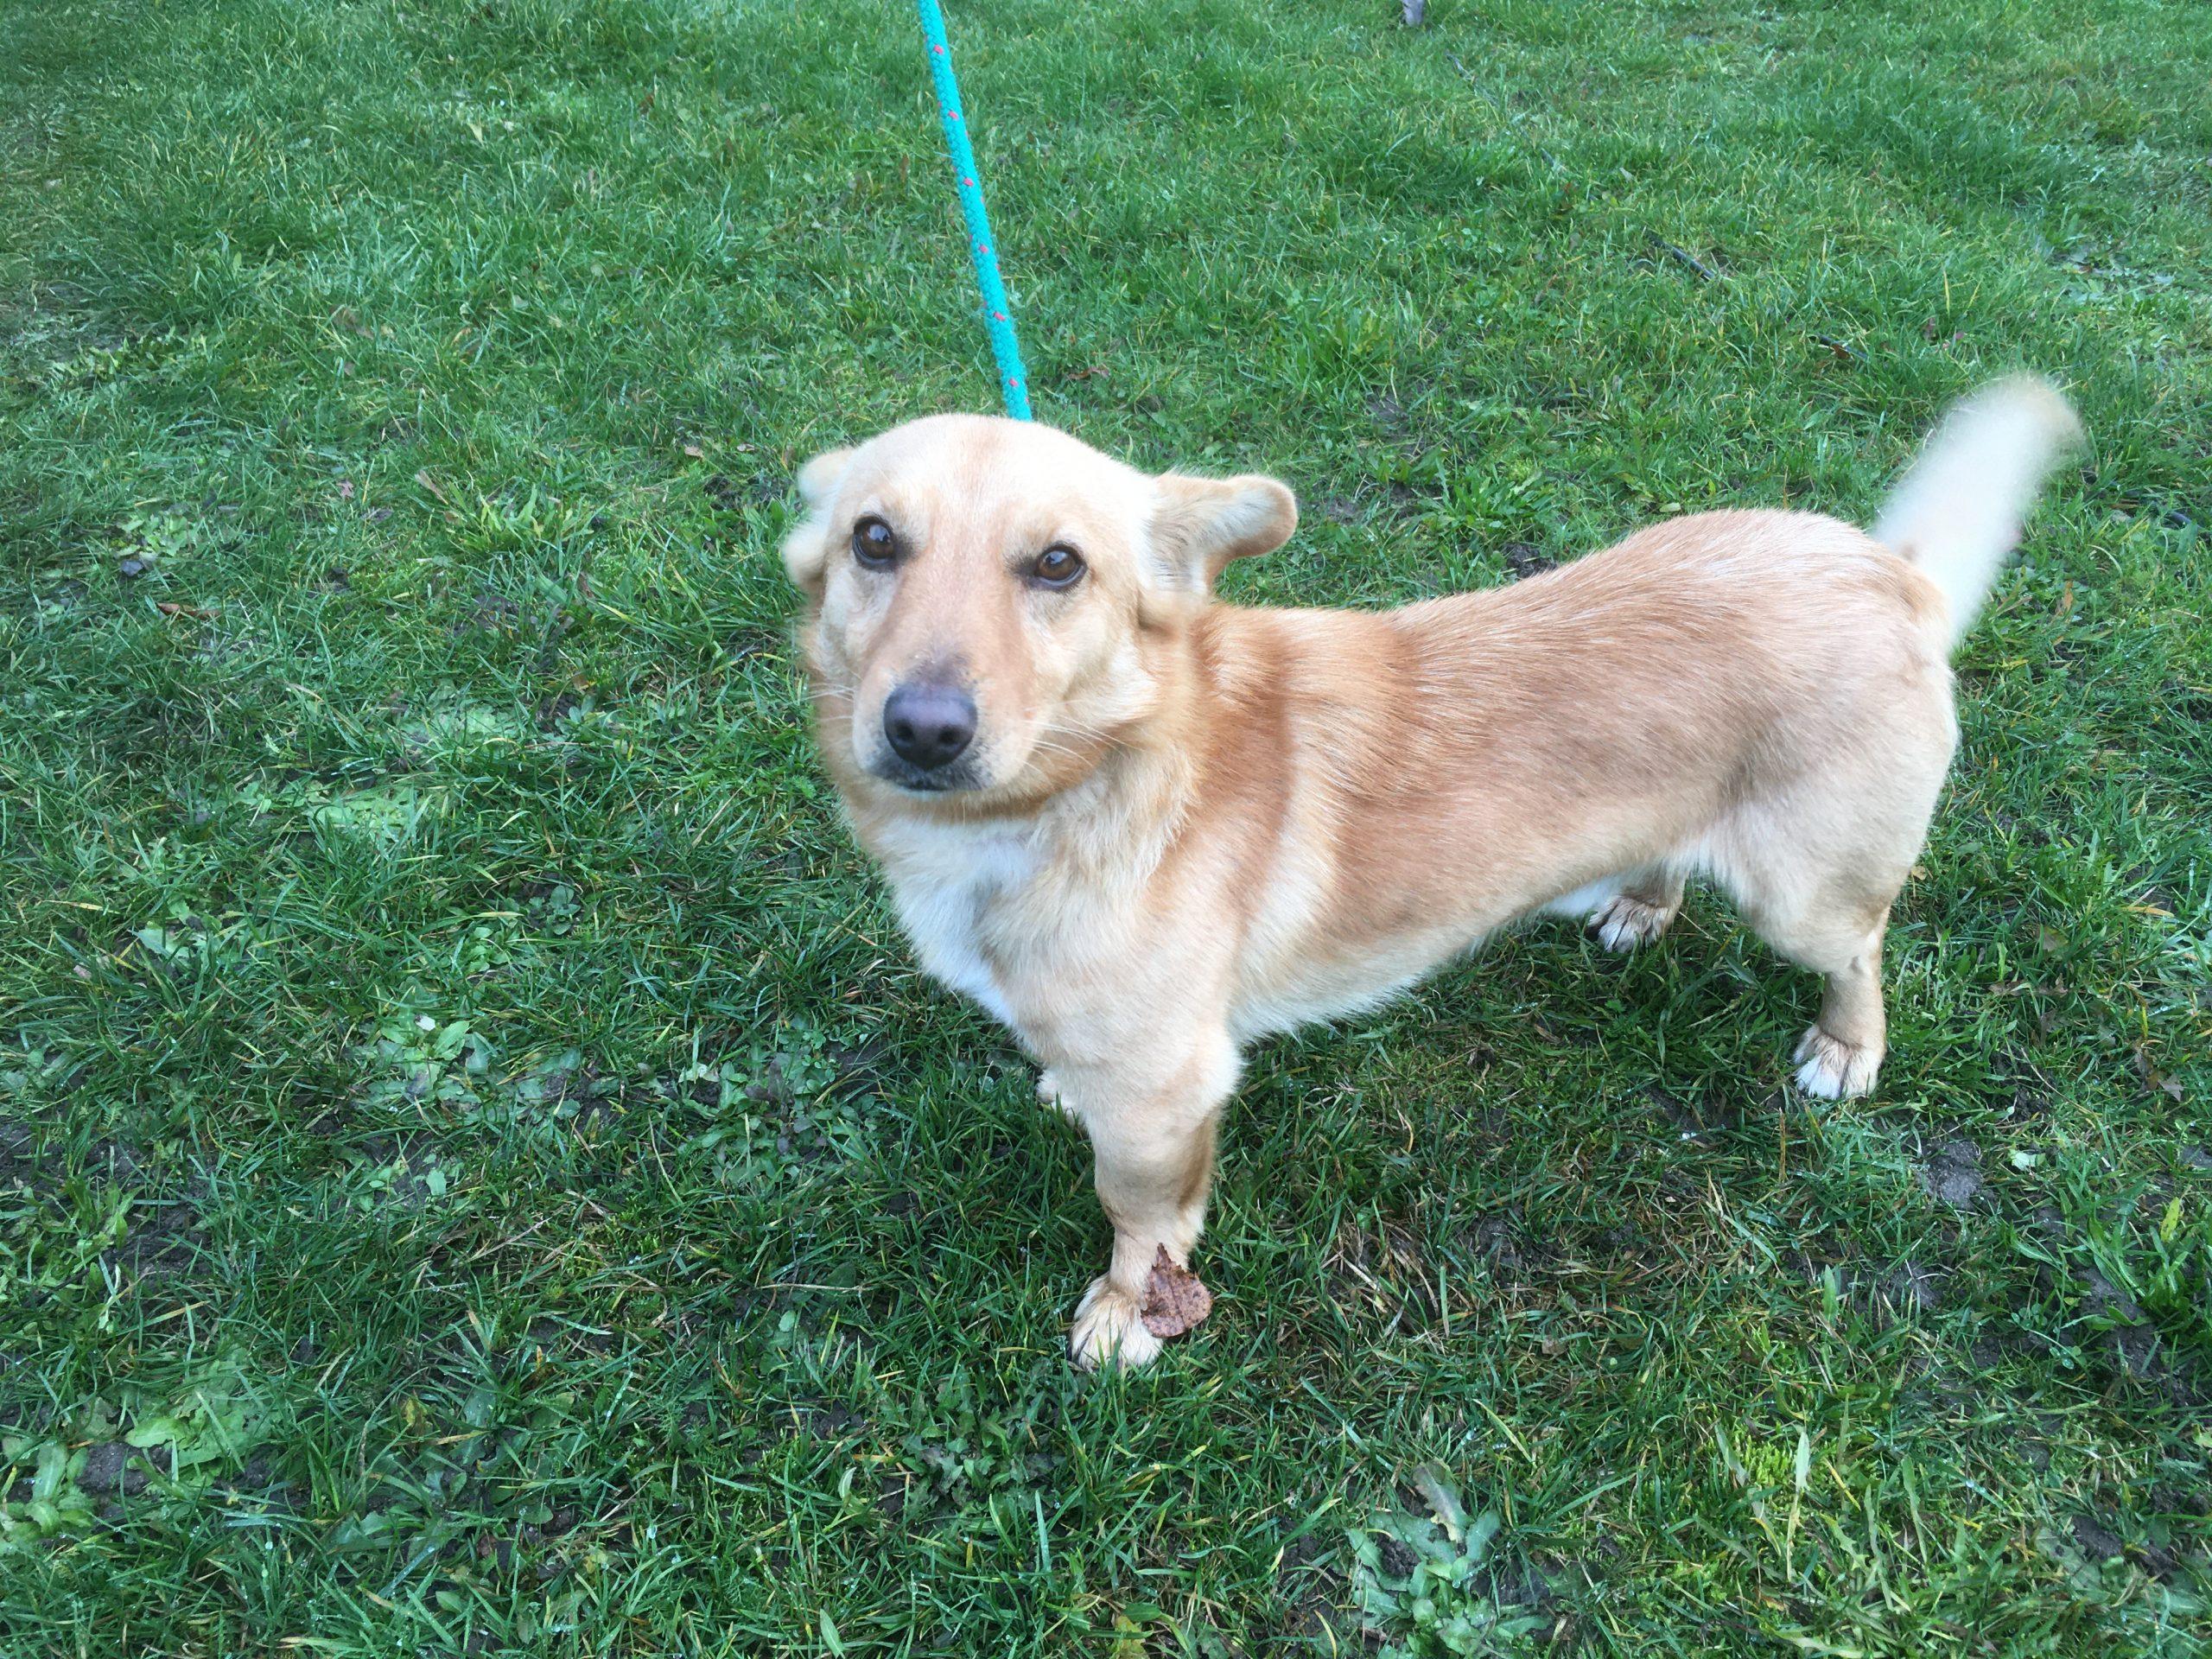 Szukamy właściciela lub nowego opiekuna dla psa